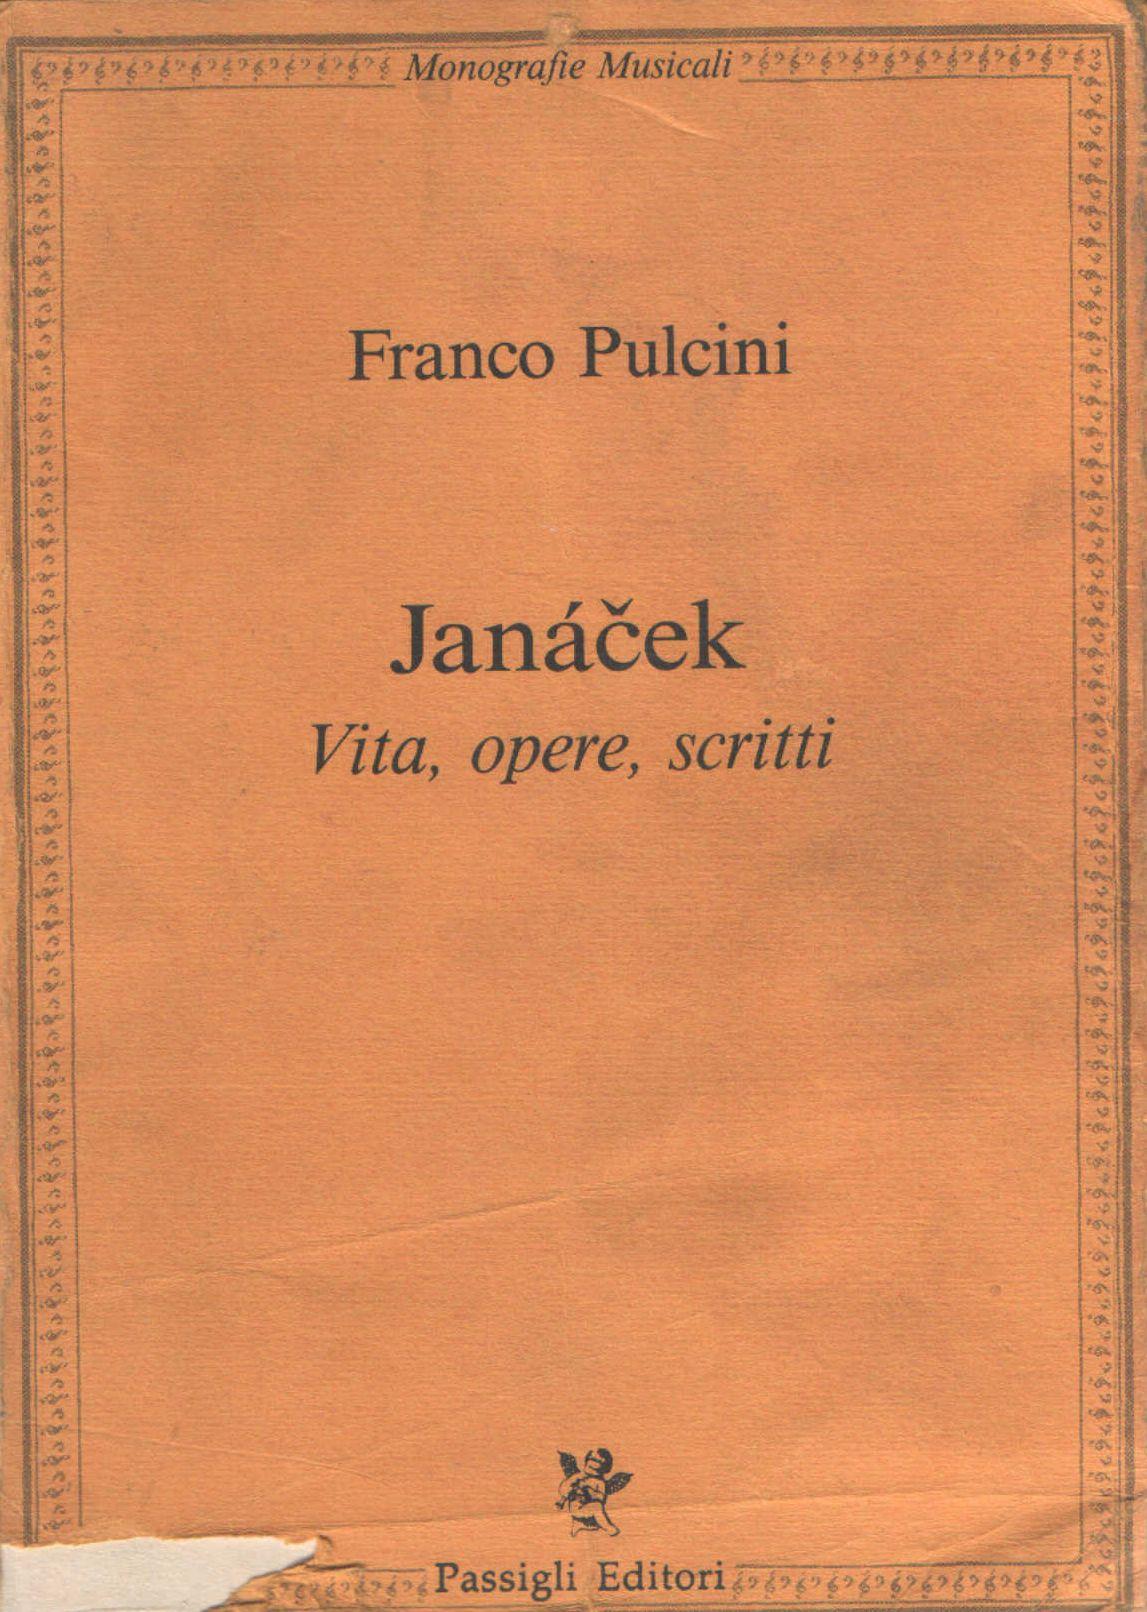 Janacek